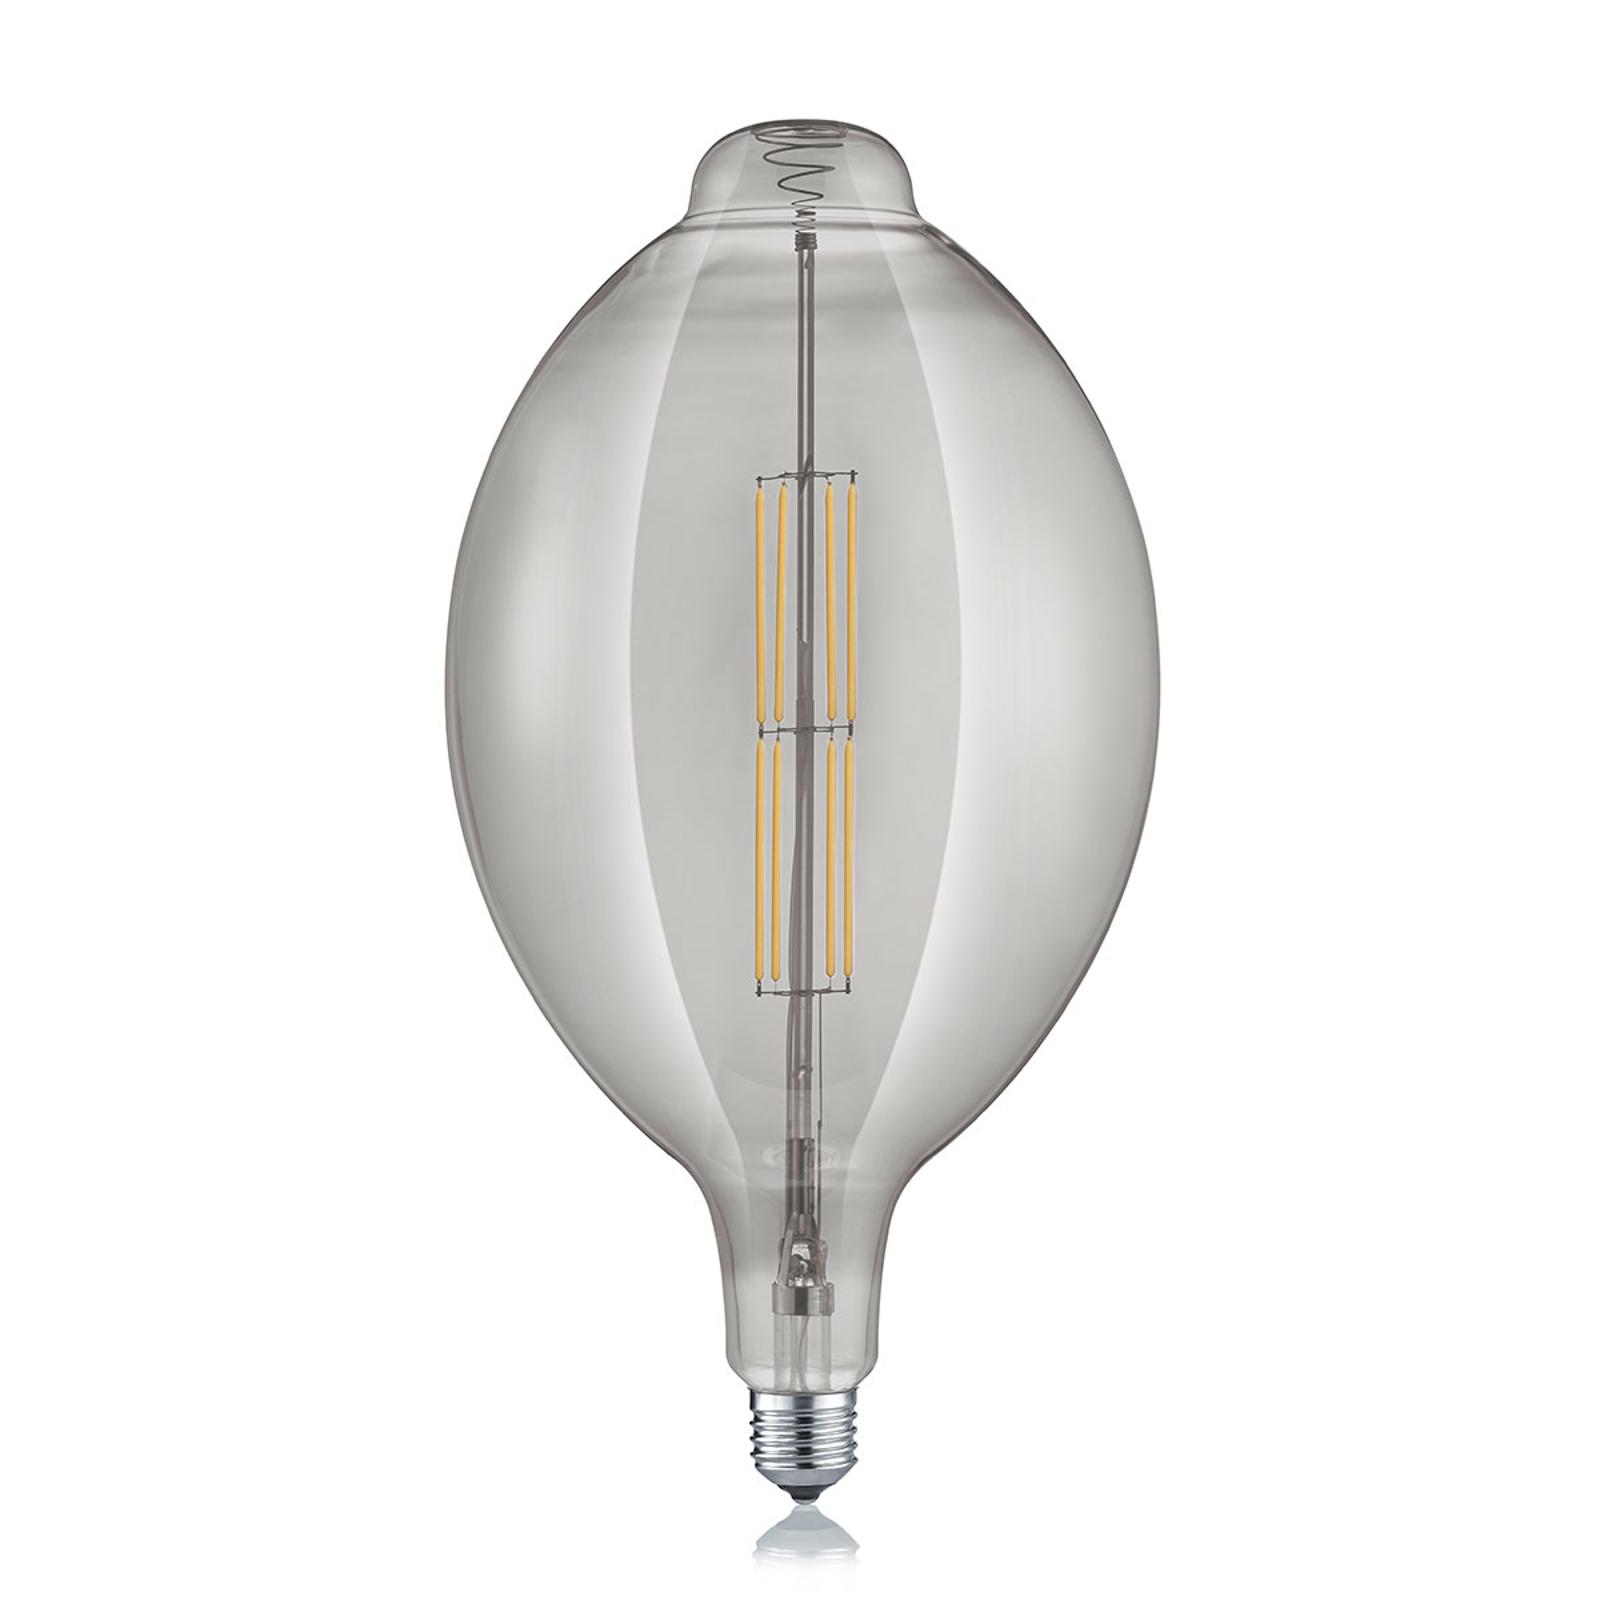 LED-pære E27 8 W 2700 K avlang form røykfarget